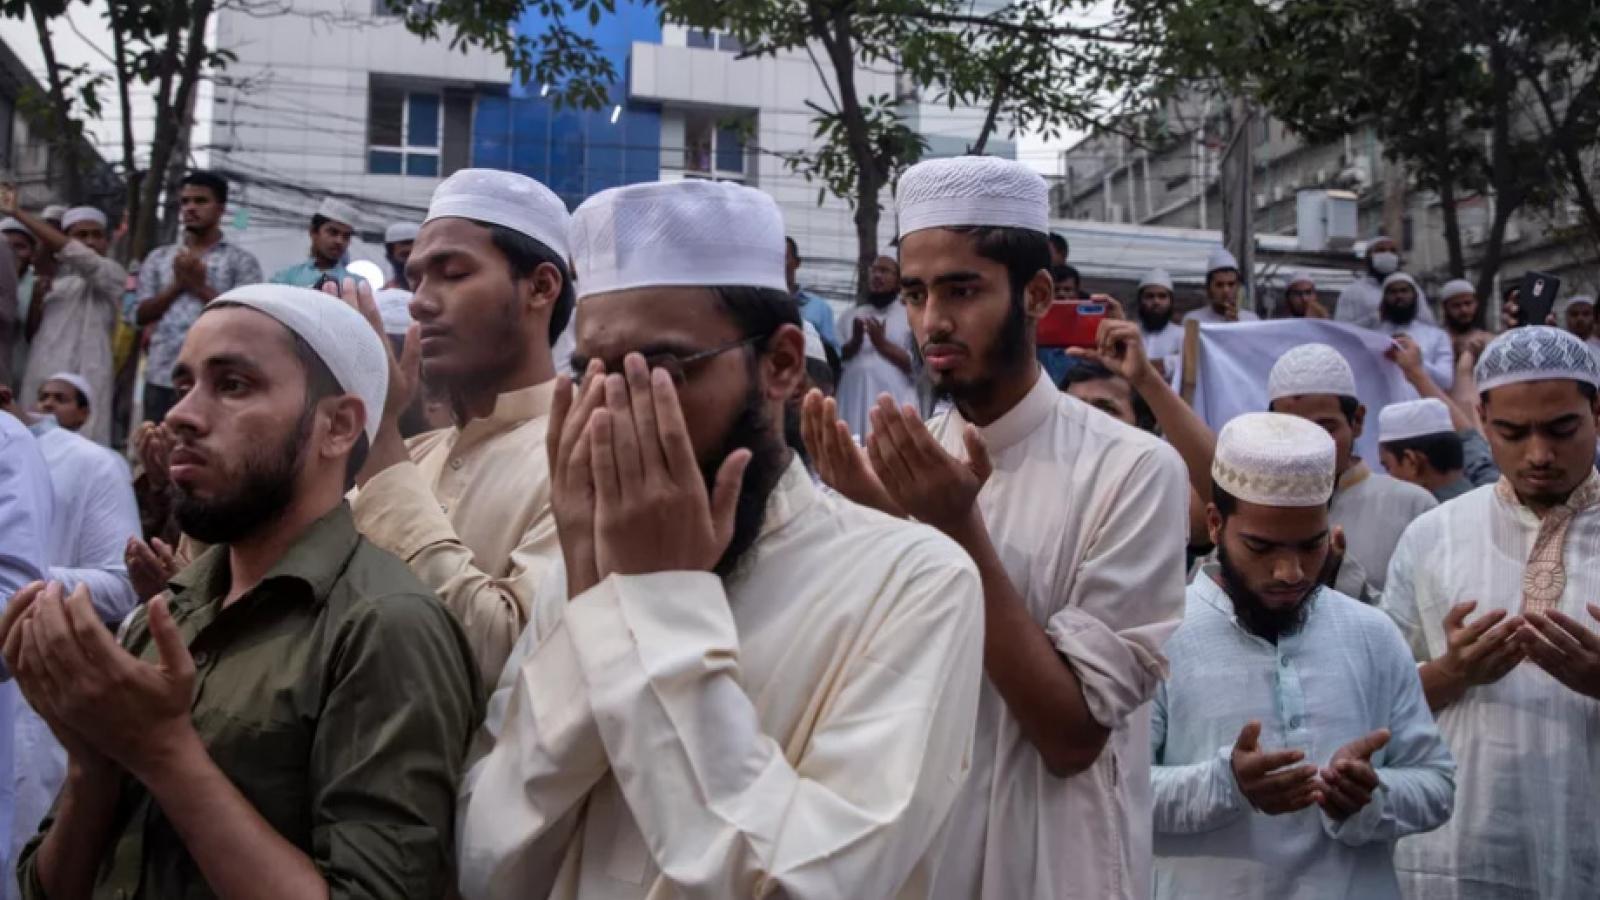 Mâu thuẫn khó tránh giữa Pháp và các quốc gia Hồi giáo